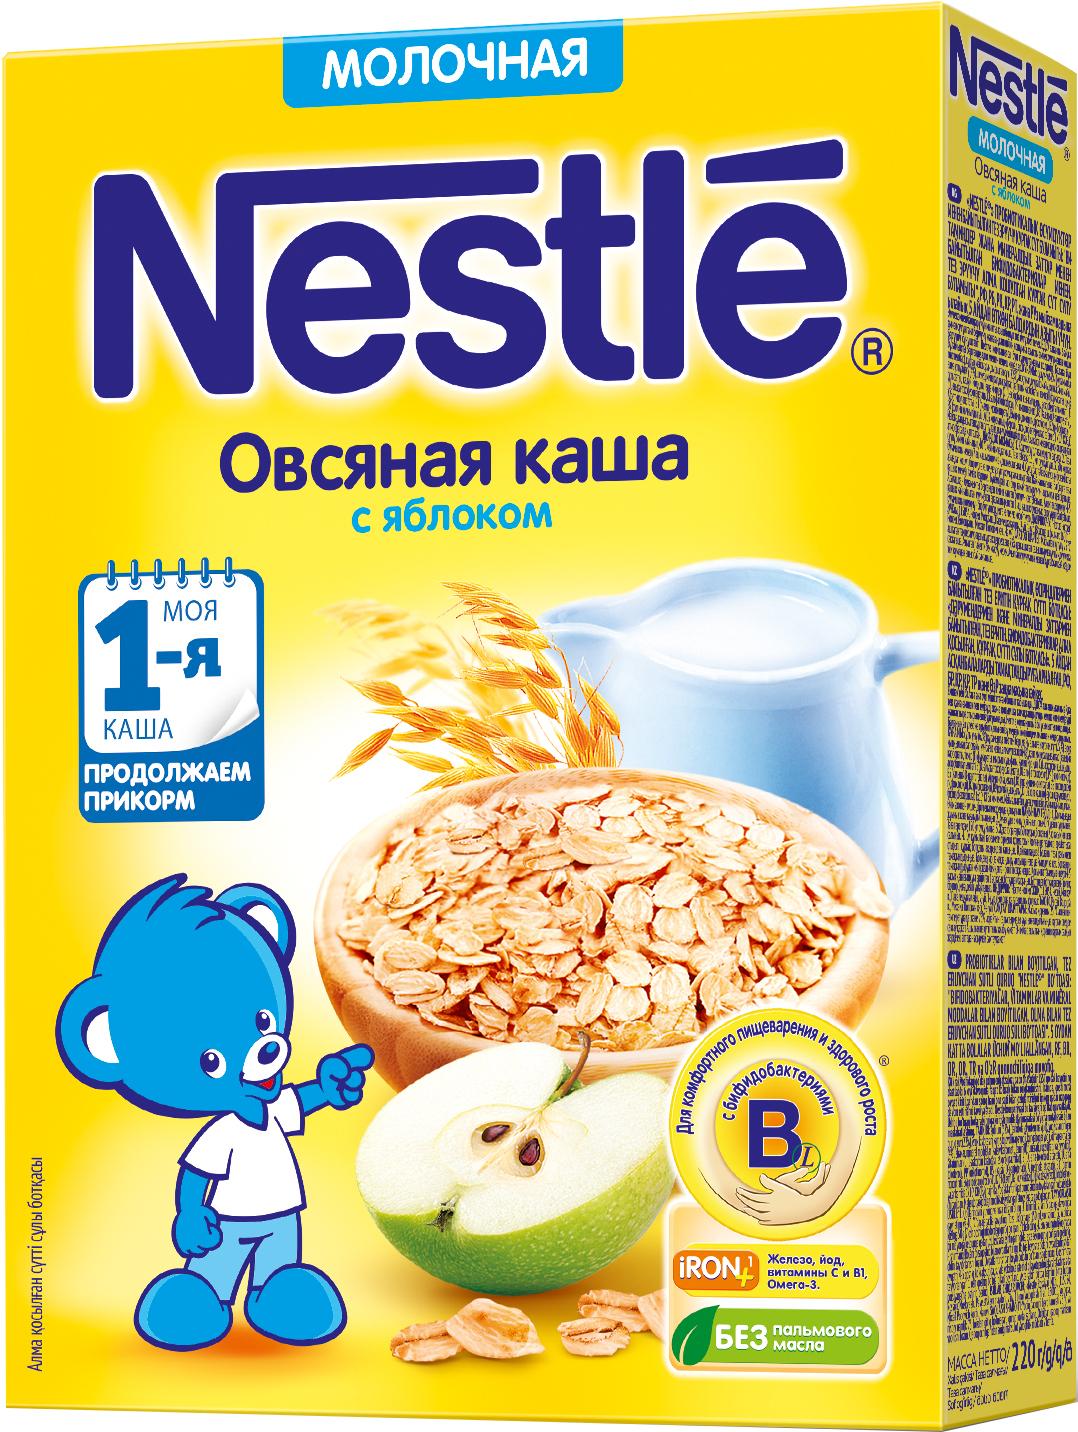 Купить Каша, Nestlé Молочная овсяная с яблоком (с 5 месяцев) 220 г, 1шт., Nestle 12342732, Россия